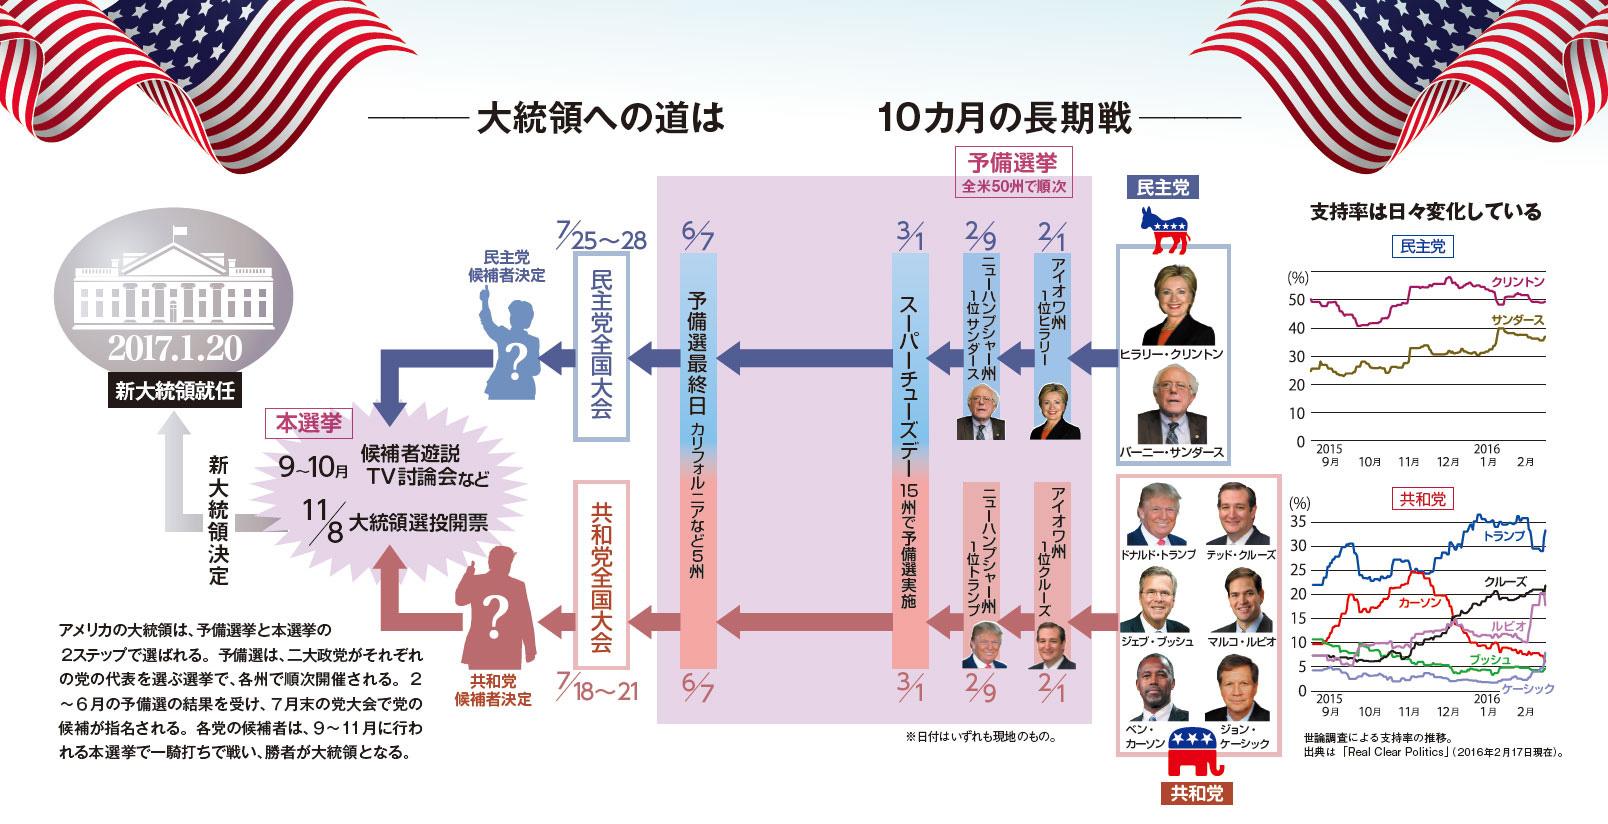 アメリカ 大統領 予備 選挙